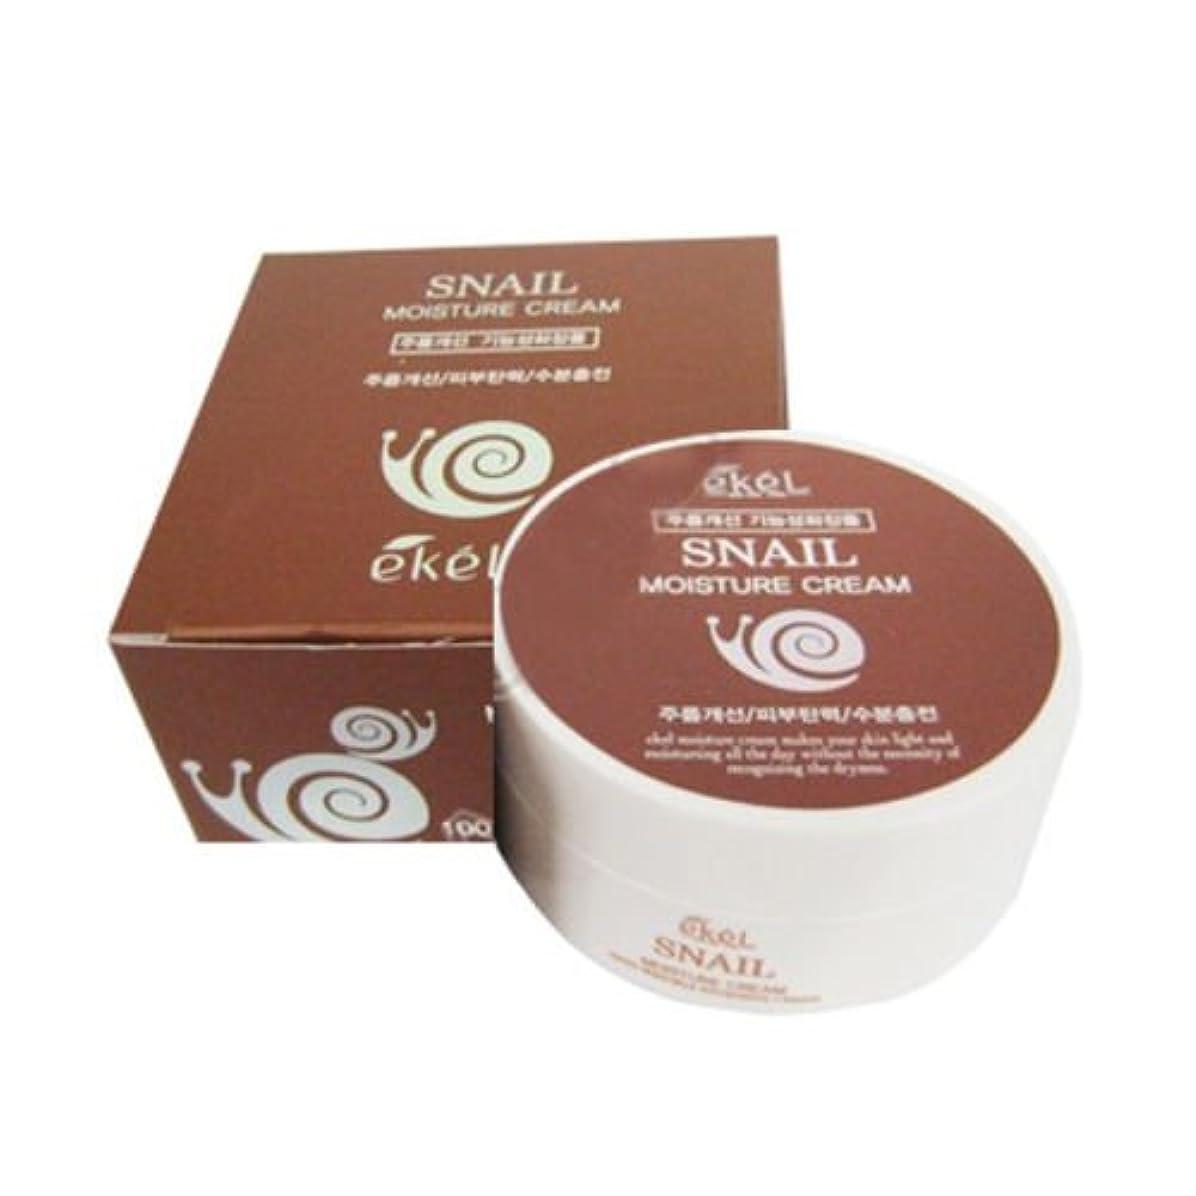 アニメーション以上全部イケル[韓国コスメEkel]Snail Moisture Cream カタツムリモイスチャークリーム100g [並行輸入品]